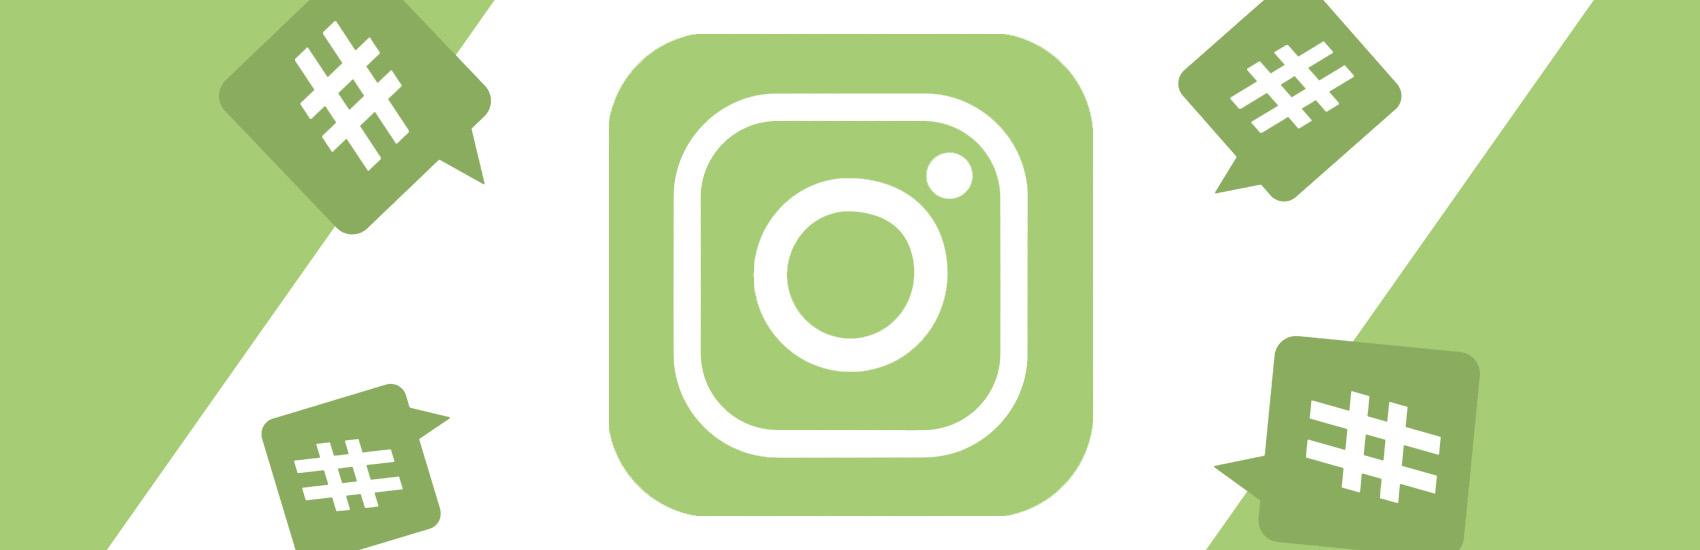 Чек-лист для бизнеса: как выстроить стратегию продвижения для продаж в Инстаграм